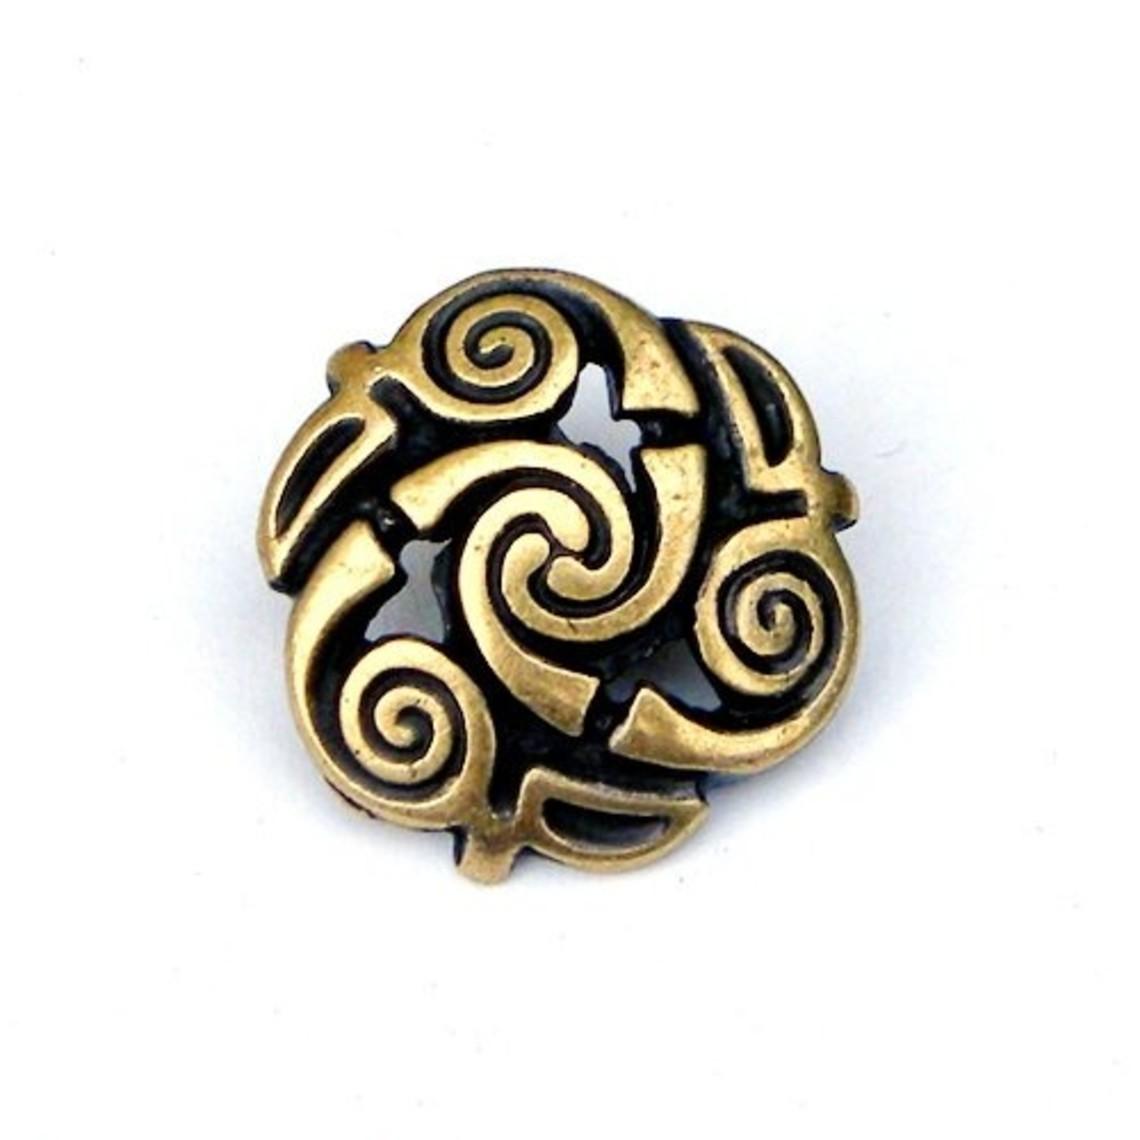 boutons en spirale celtiques, ensemble de 5 pièces, laiton